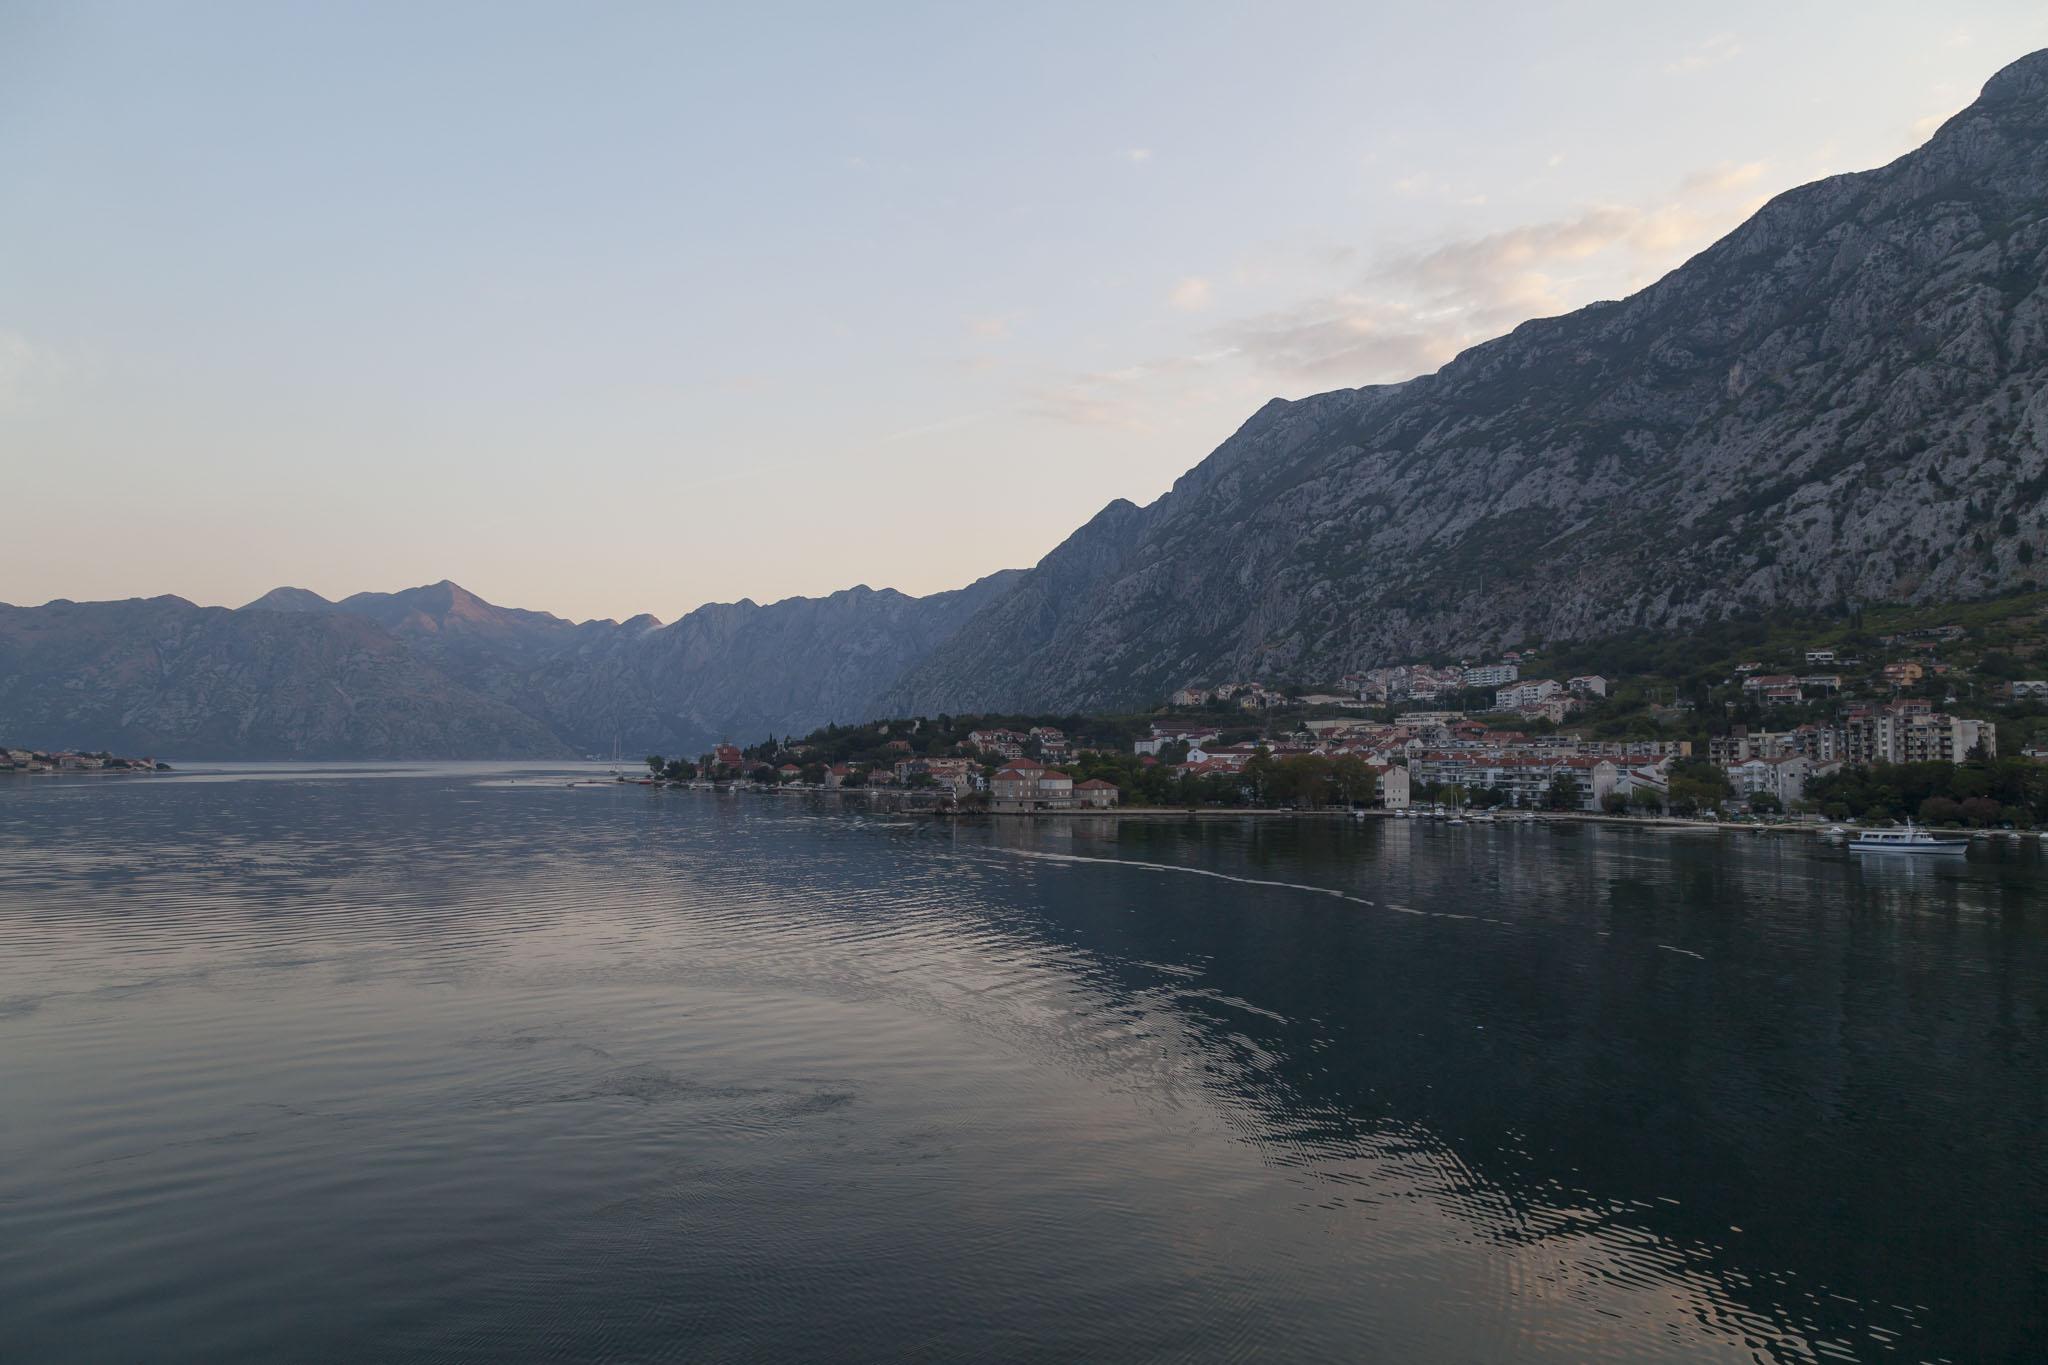 Bay Of Kotor From Royal Princess